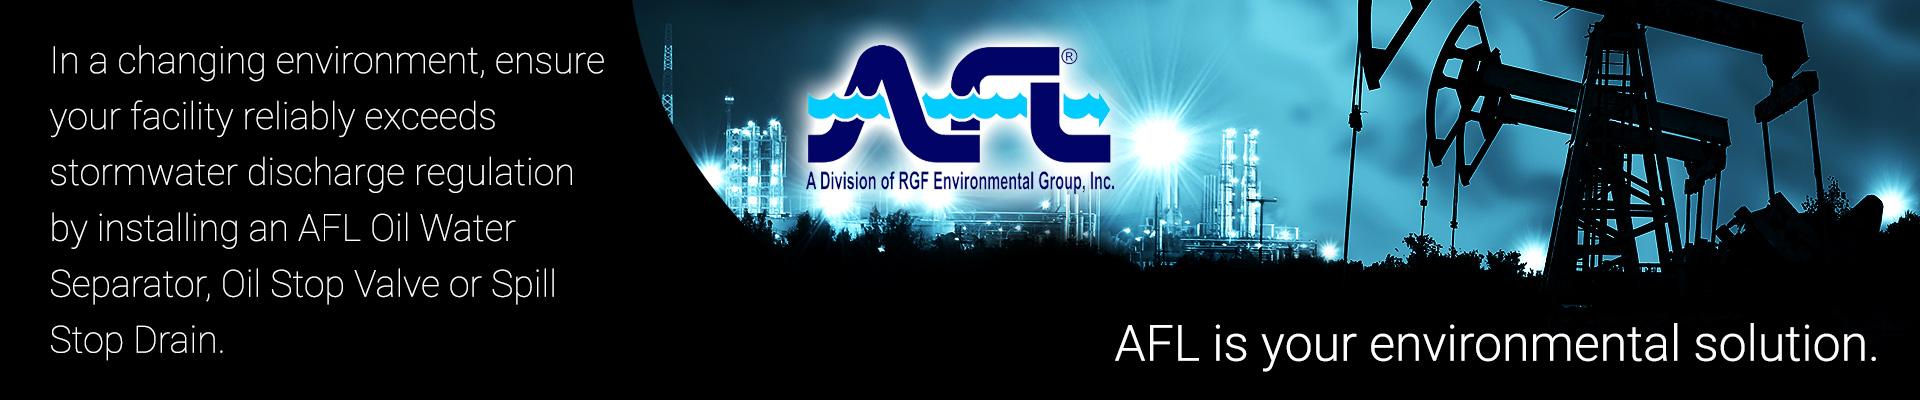 AFL Oil rig slider